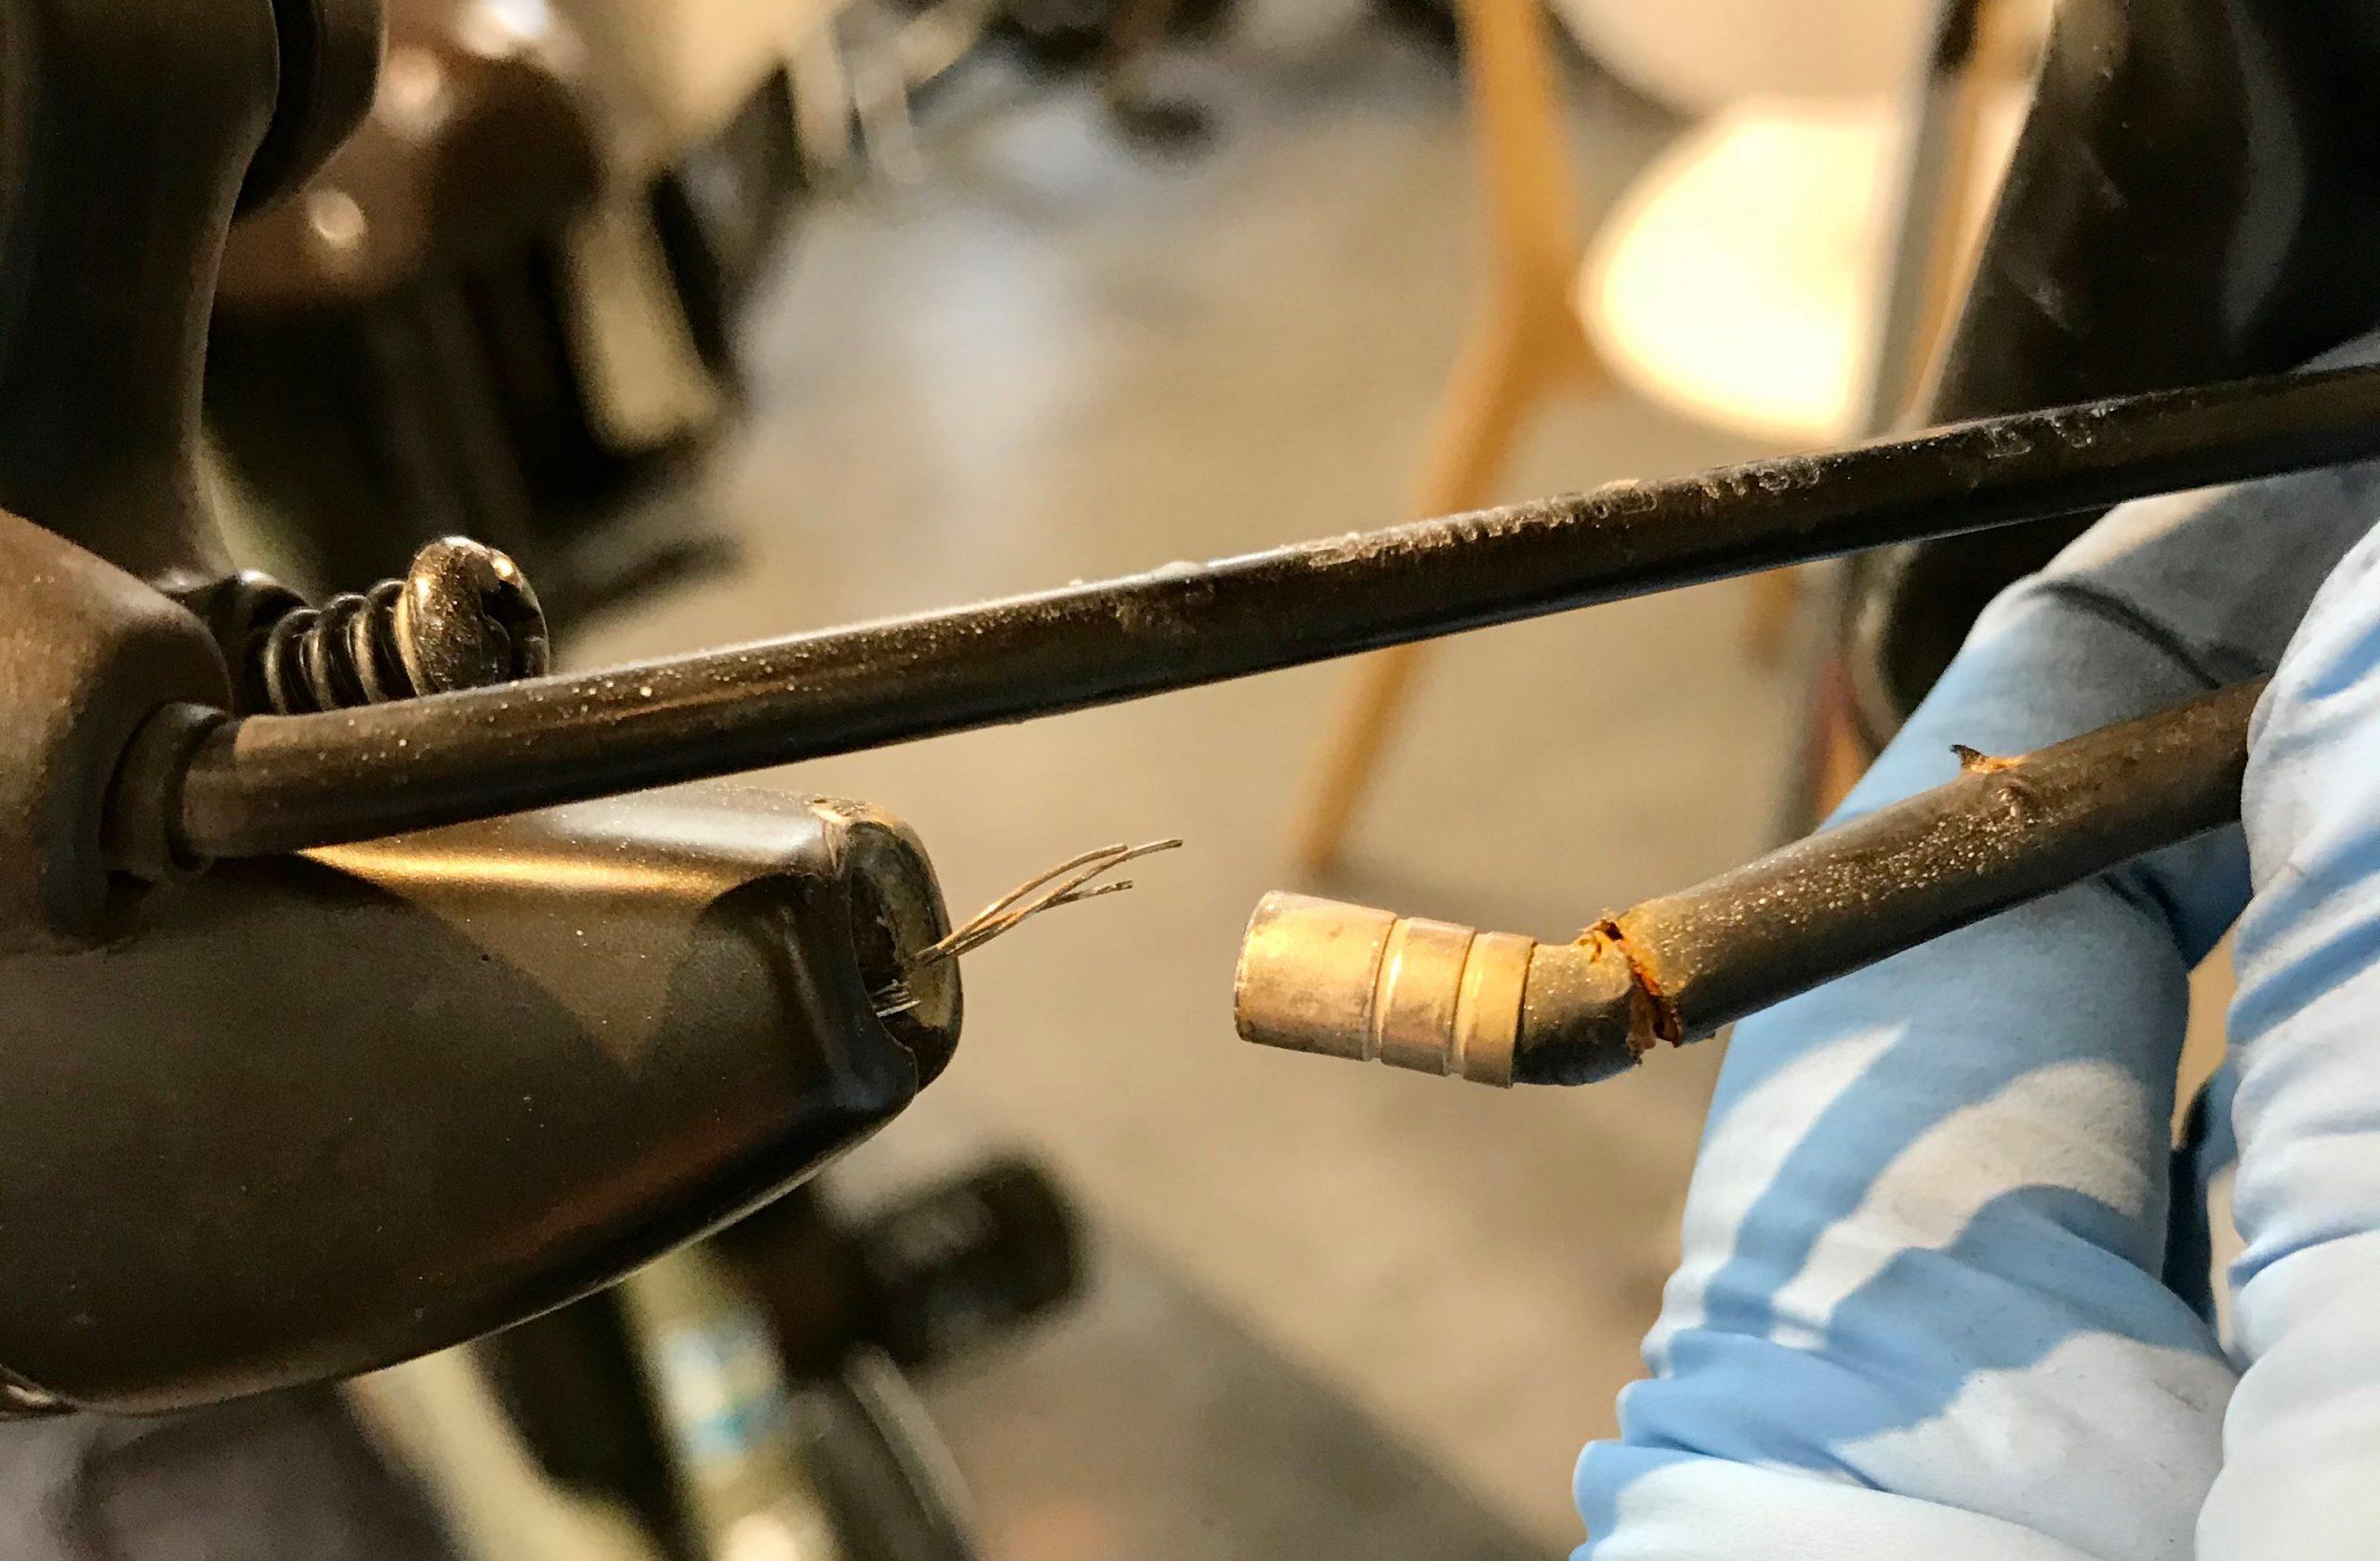 【電動自転車修理事例】フロントブレーキワイヤー交換